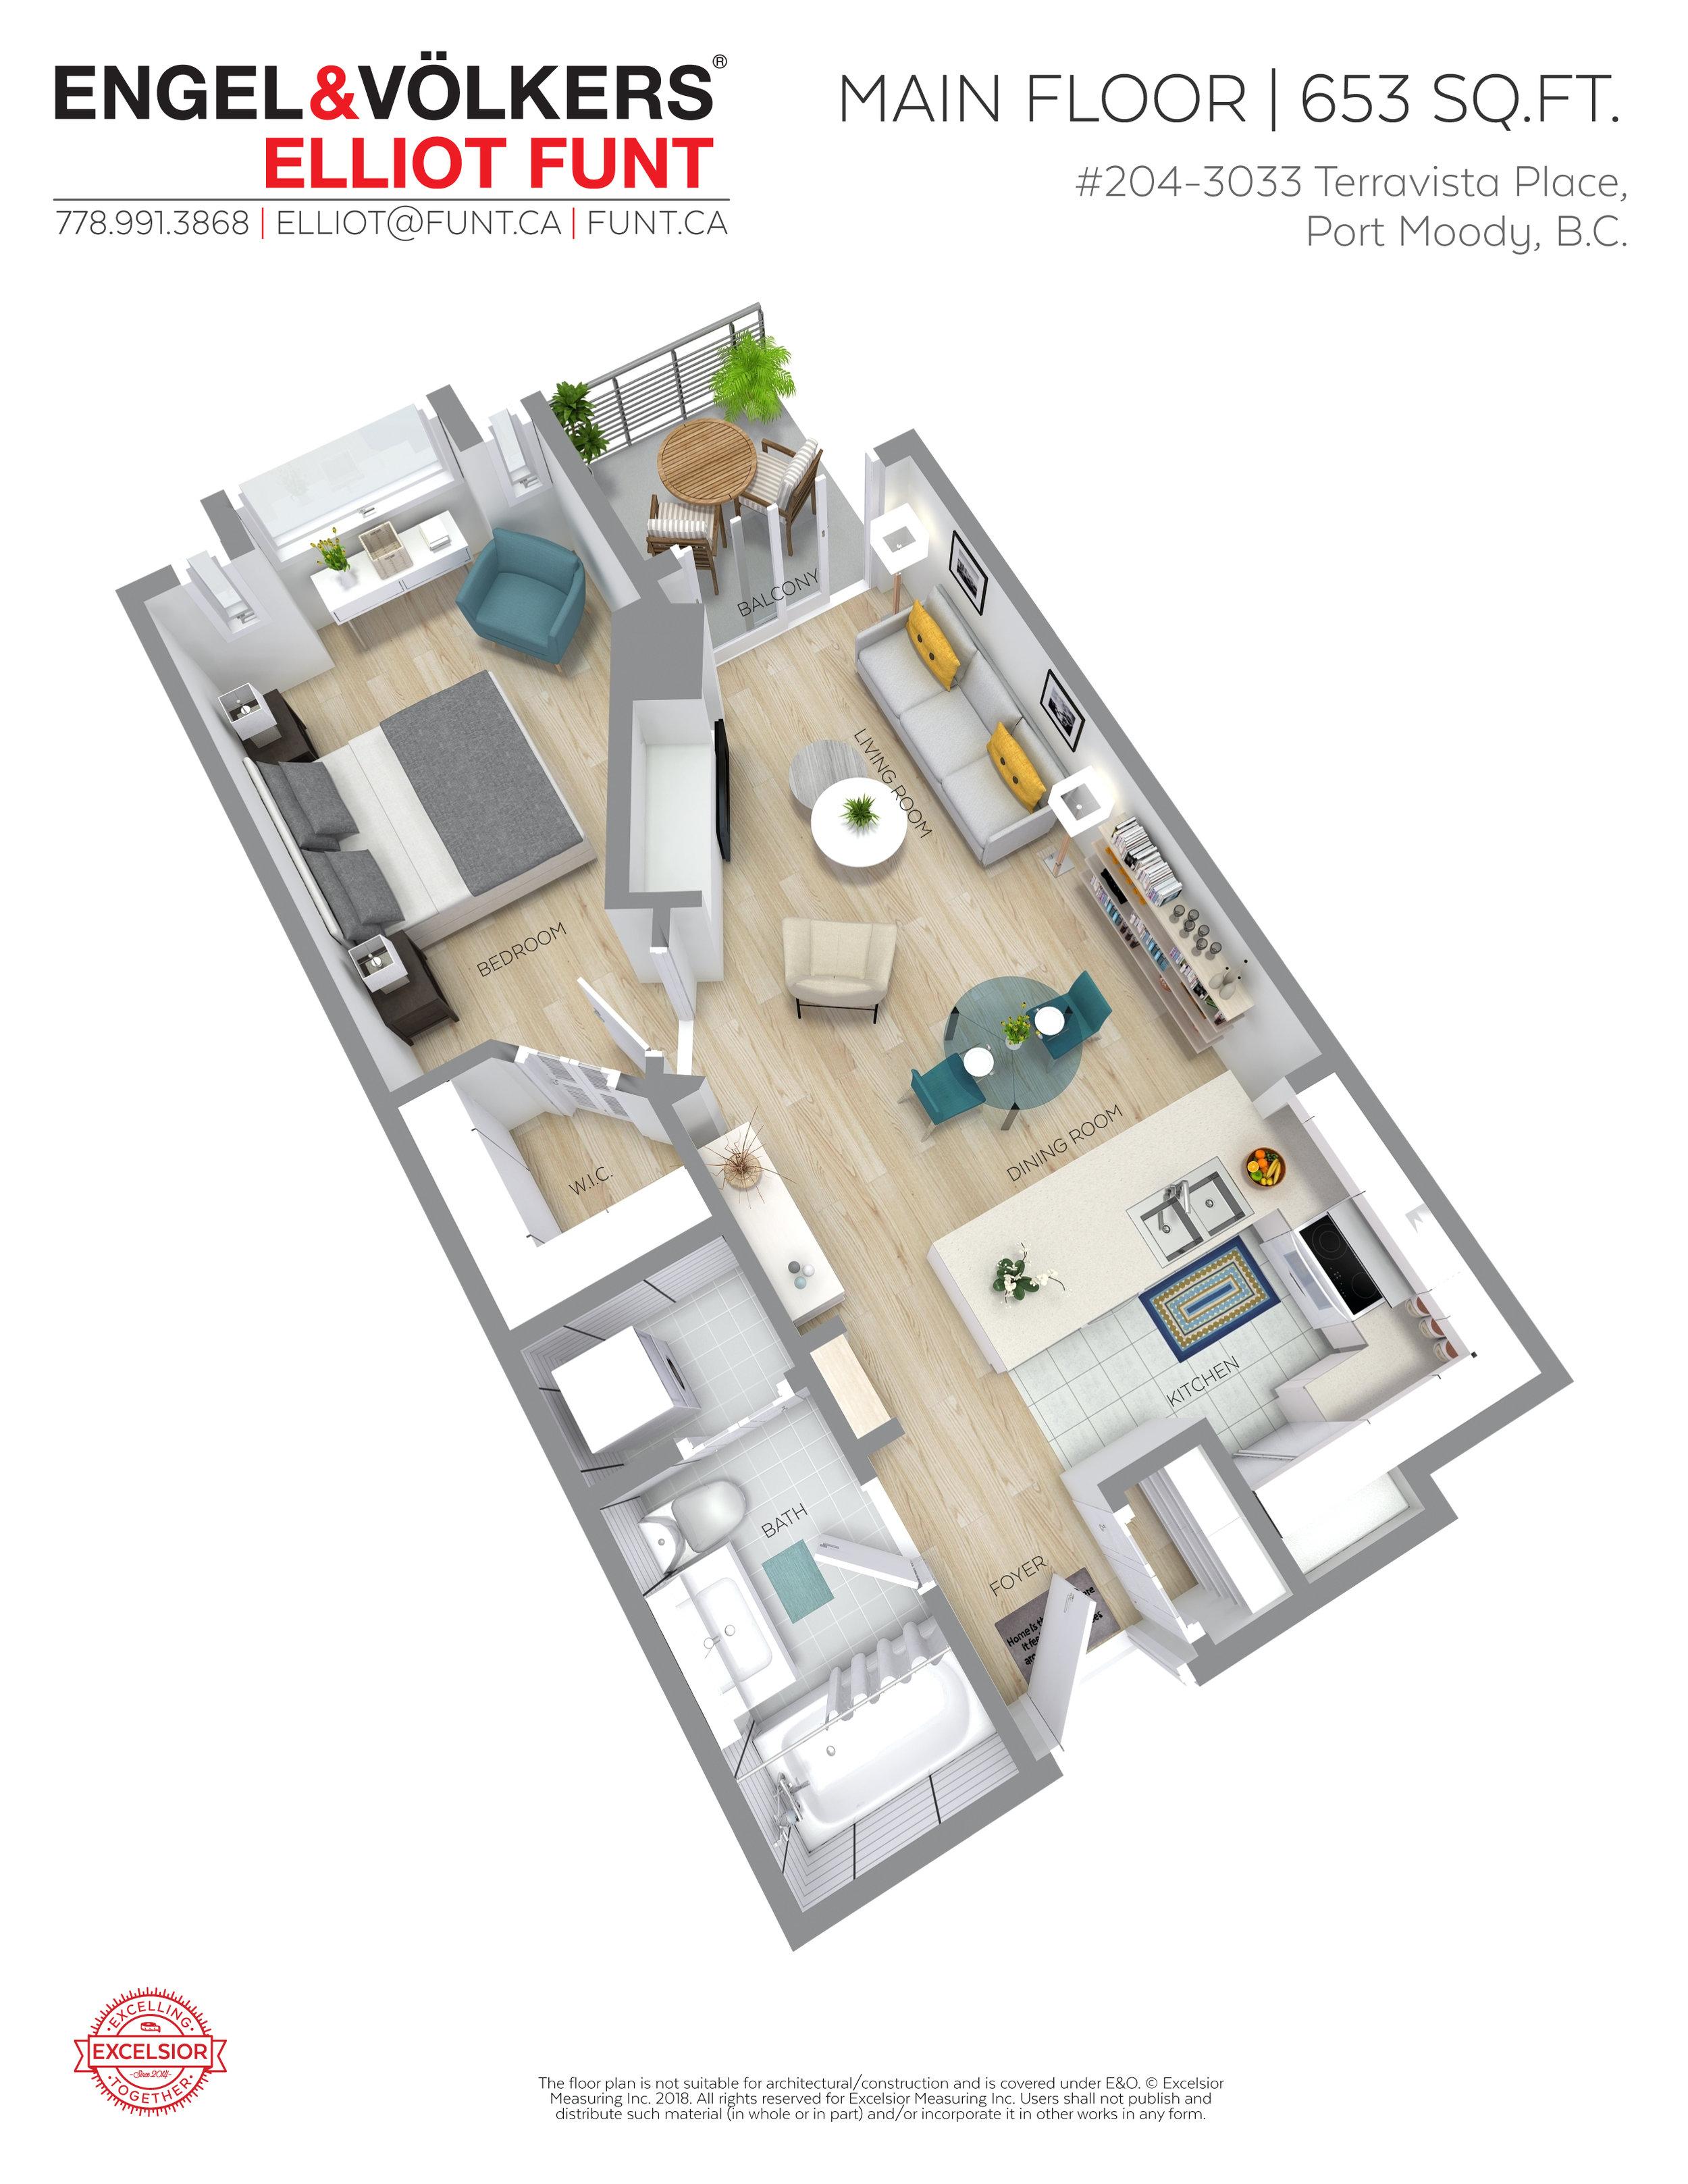 204-3033 Terravista Pl. Floor Plan. Elliot Funt Realtor